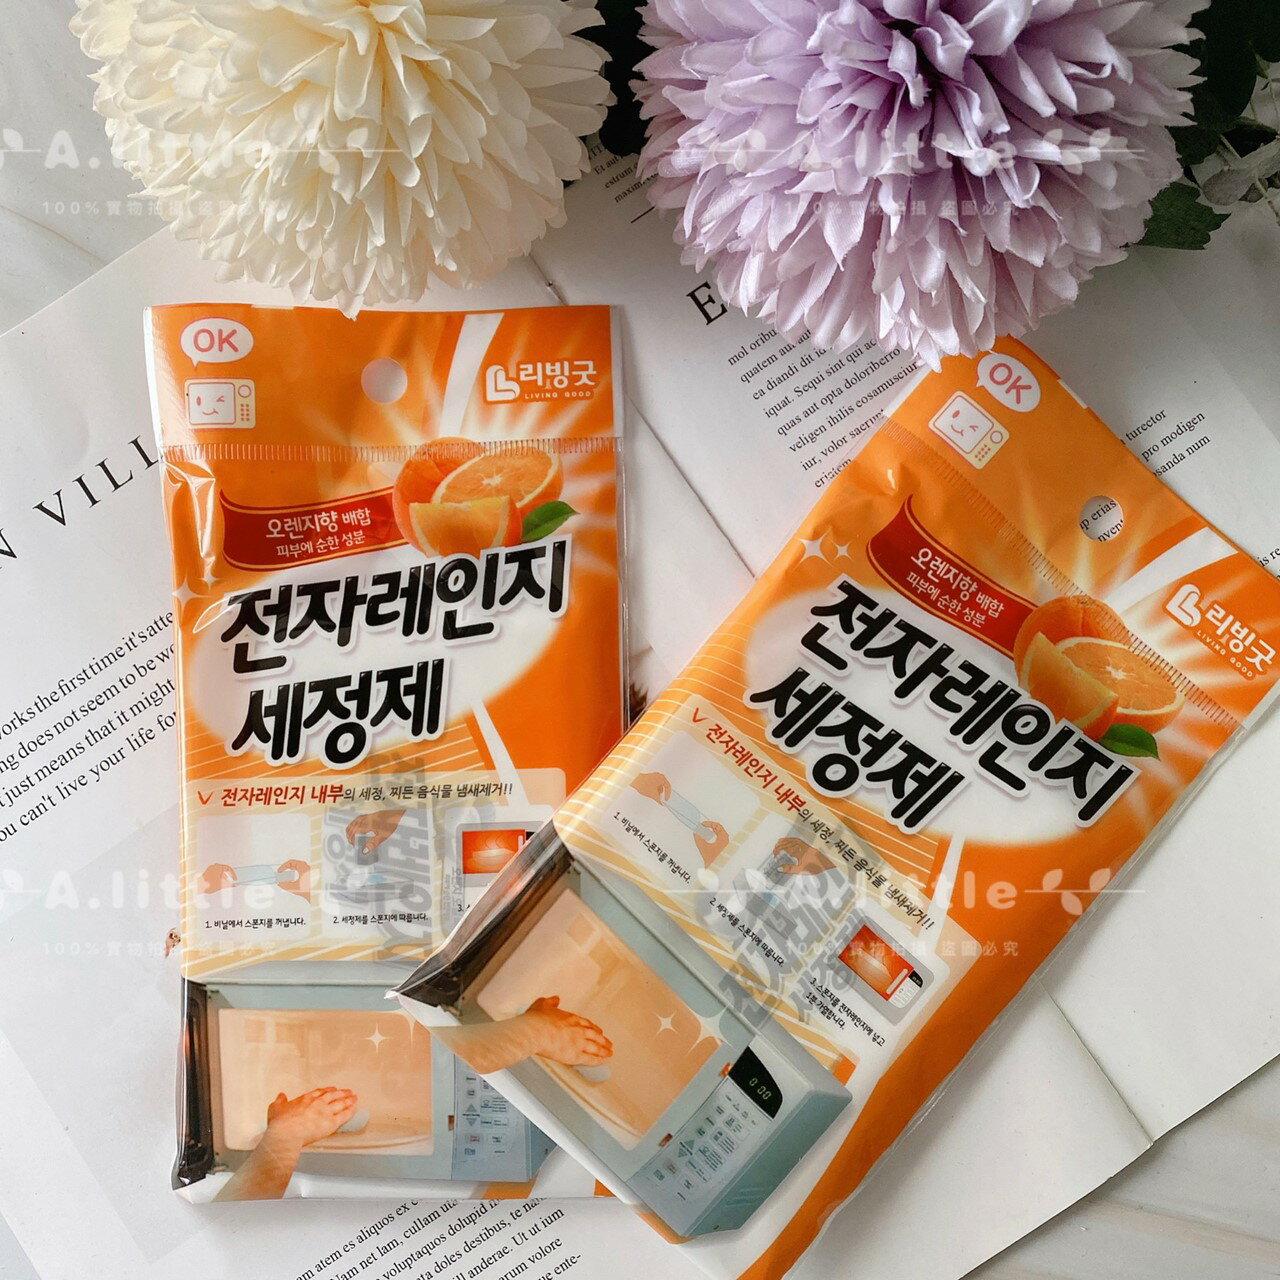 韓國 LIVING GOOD 美納克 天然柑橘 微波爐/水波爐 專用蒸氣清潔劑 (海綿+清潔劑15g)